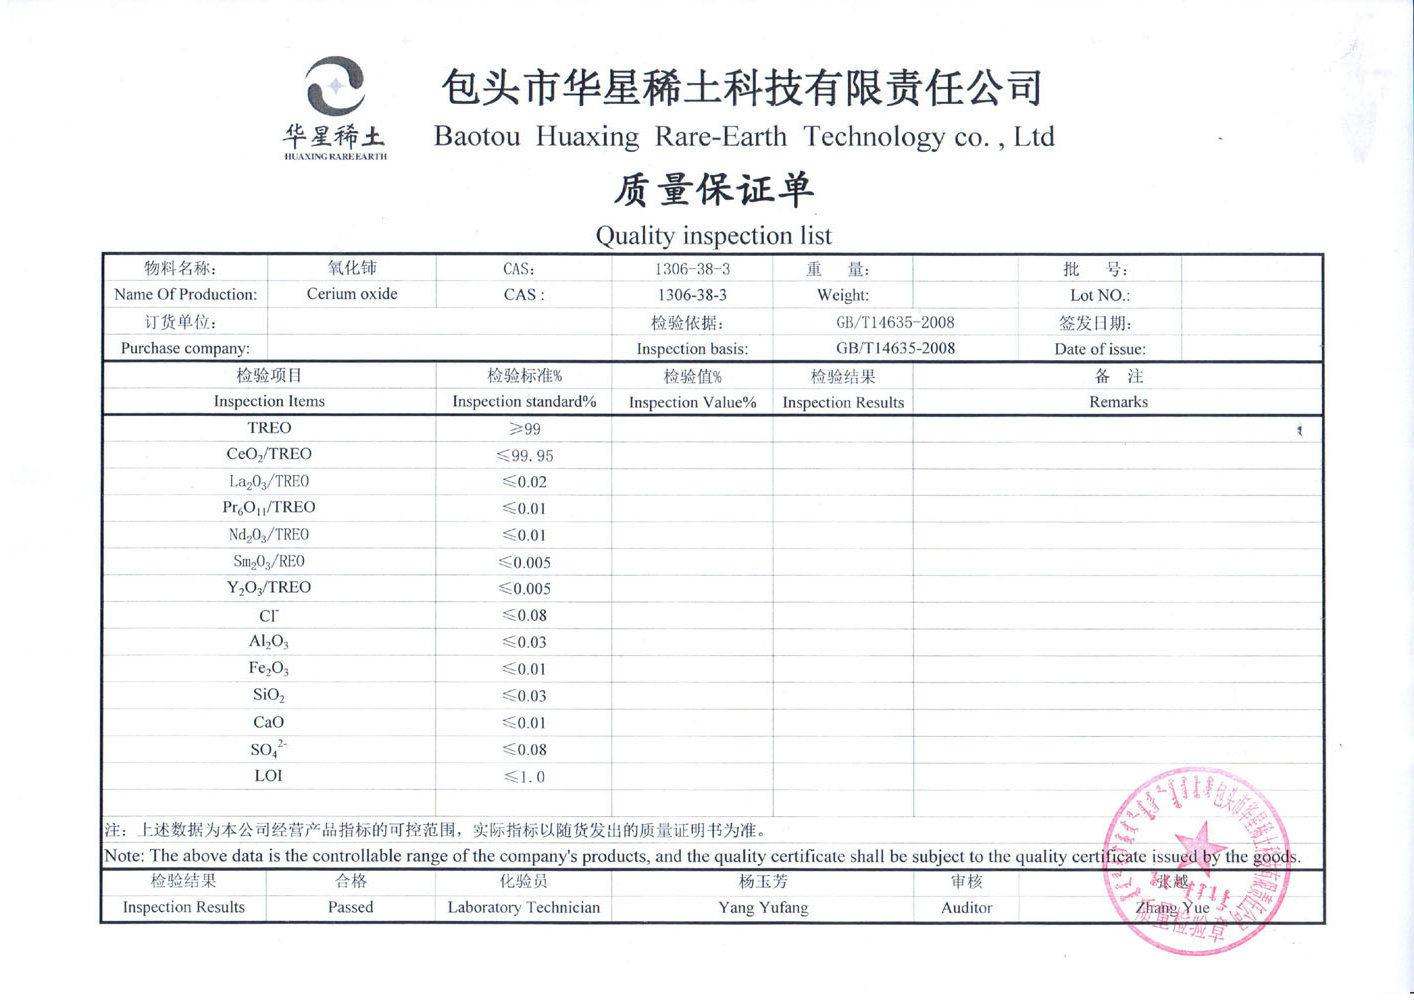 CNAS Pass White Powder Cerium Oxide Ceriumdioxide Ceria 2